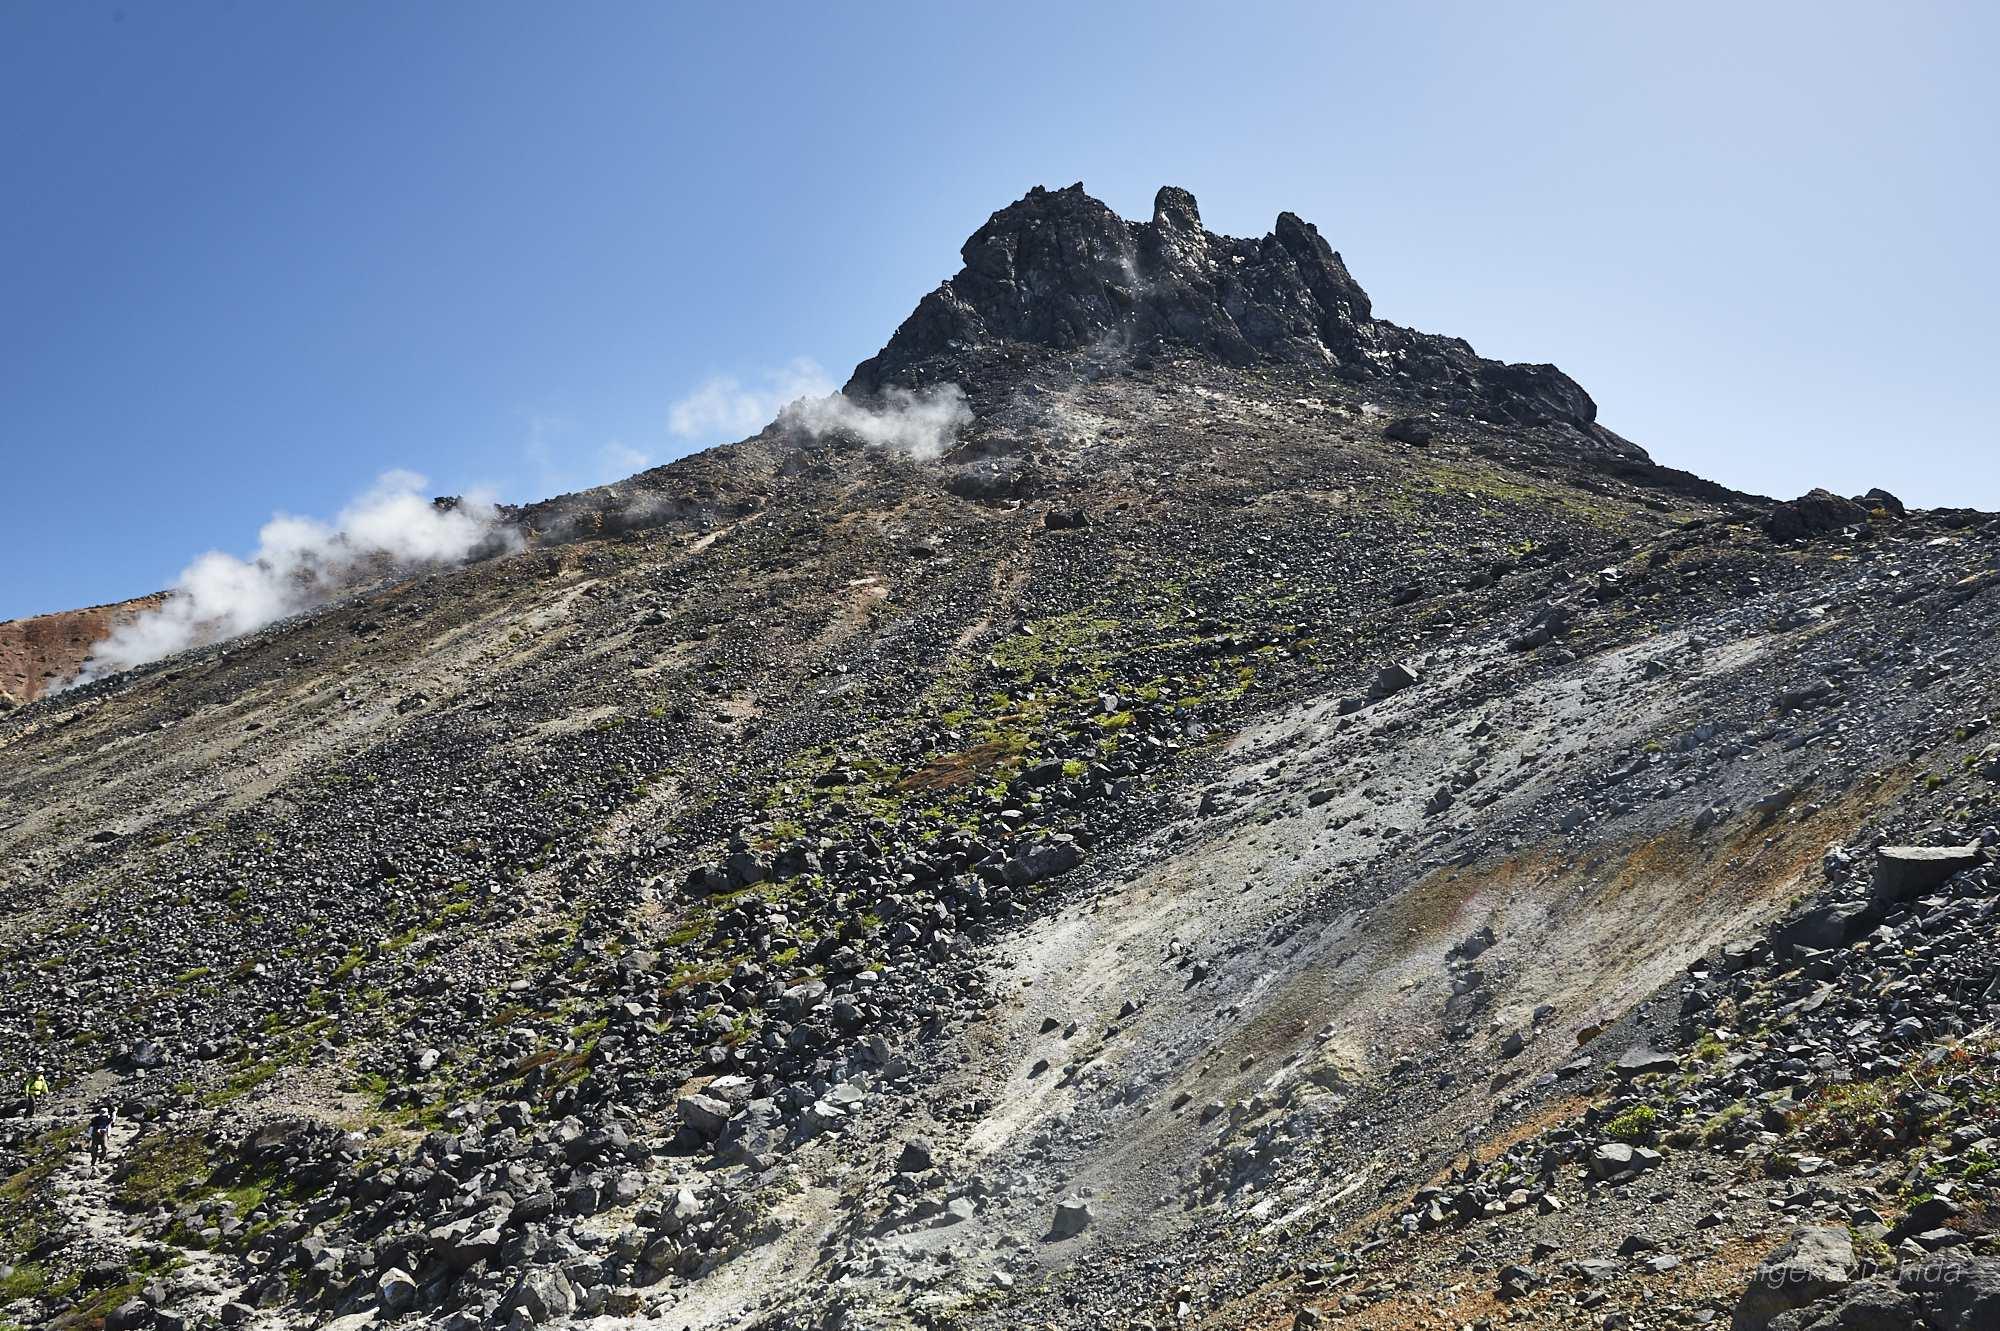 那須岳の茶臼岳山頂と噴煙